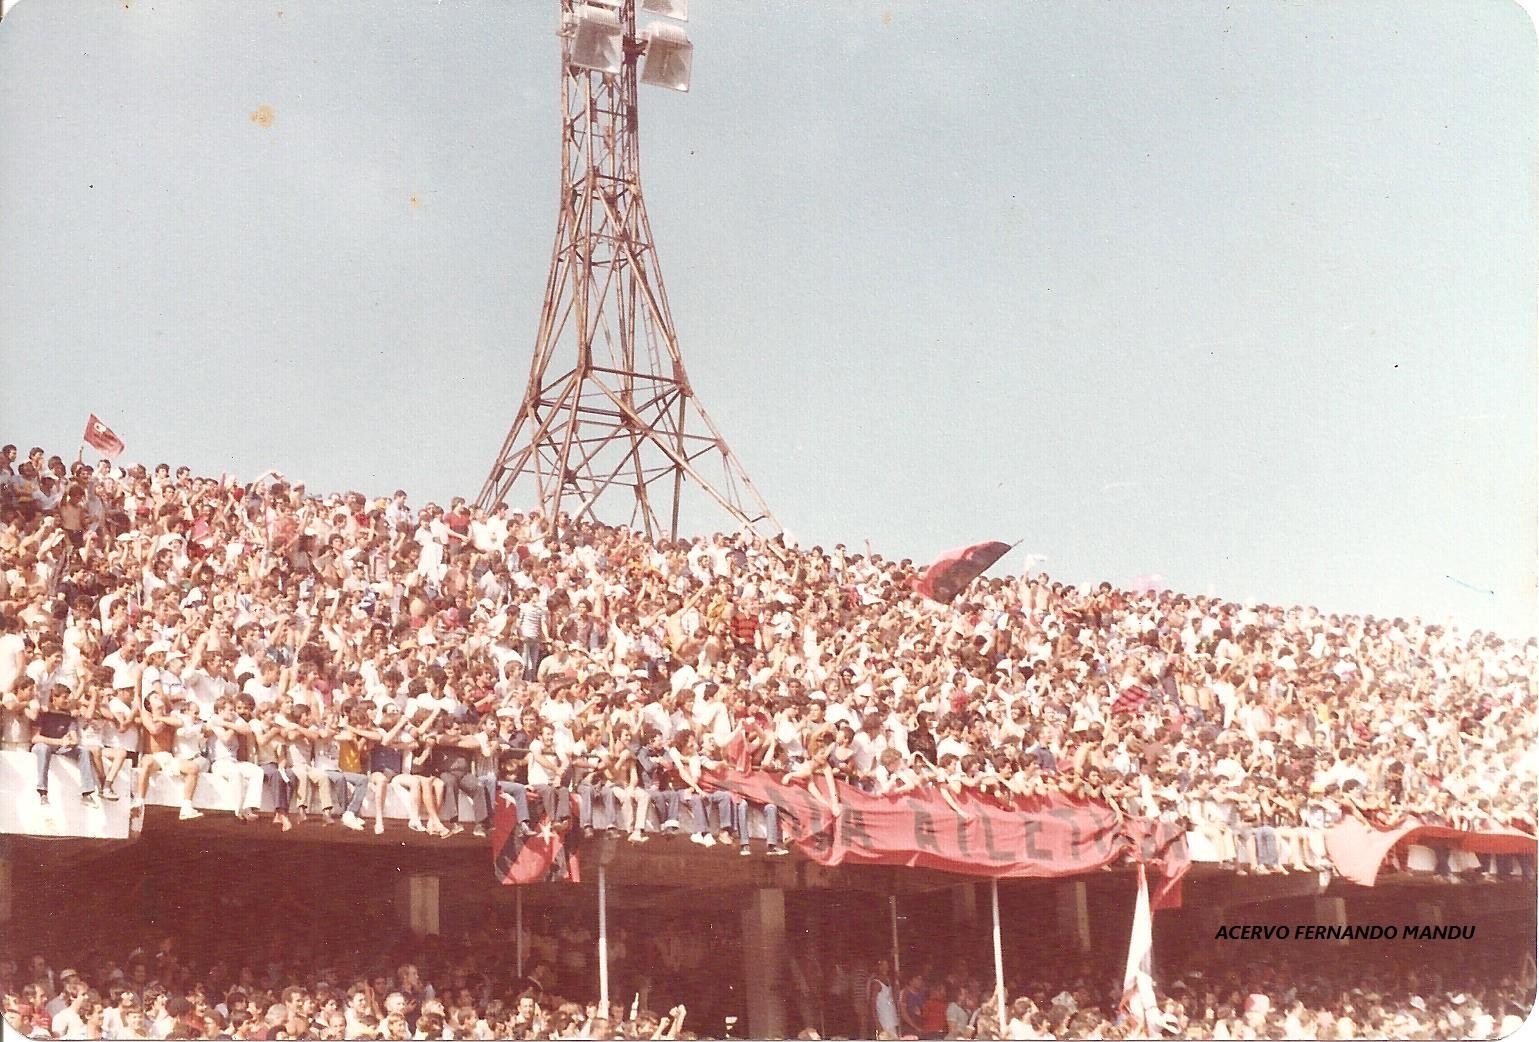 Couto Pereira apinhado9 em 1983 para o jogo do Furacão contra o Flamengo (Arquivo Pessoal)